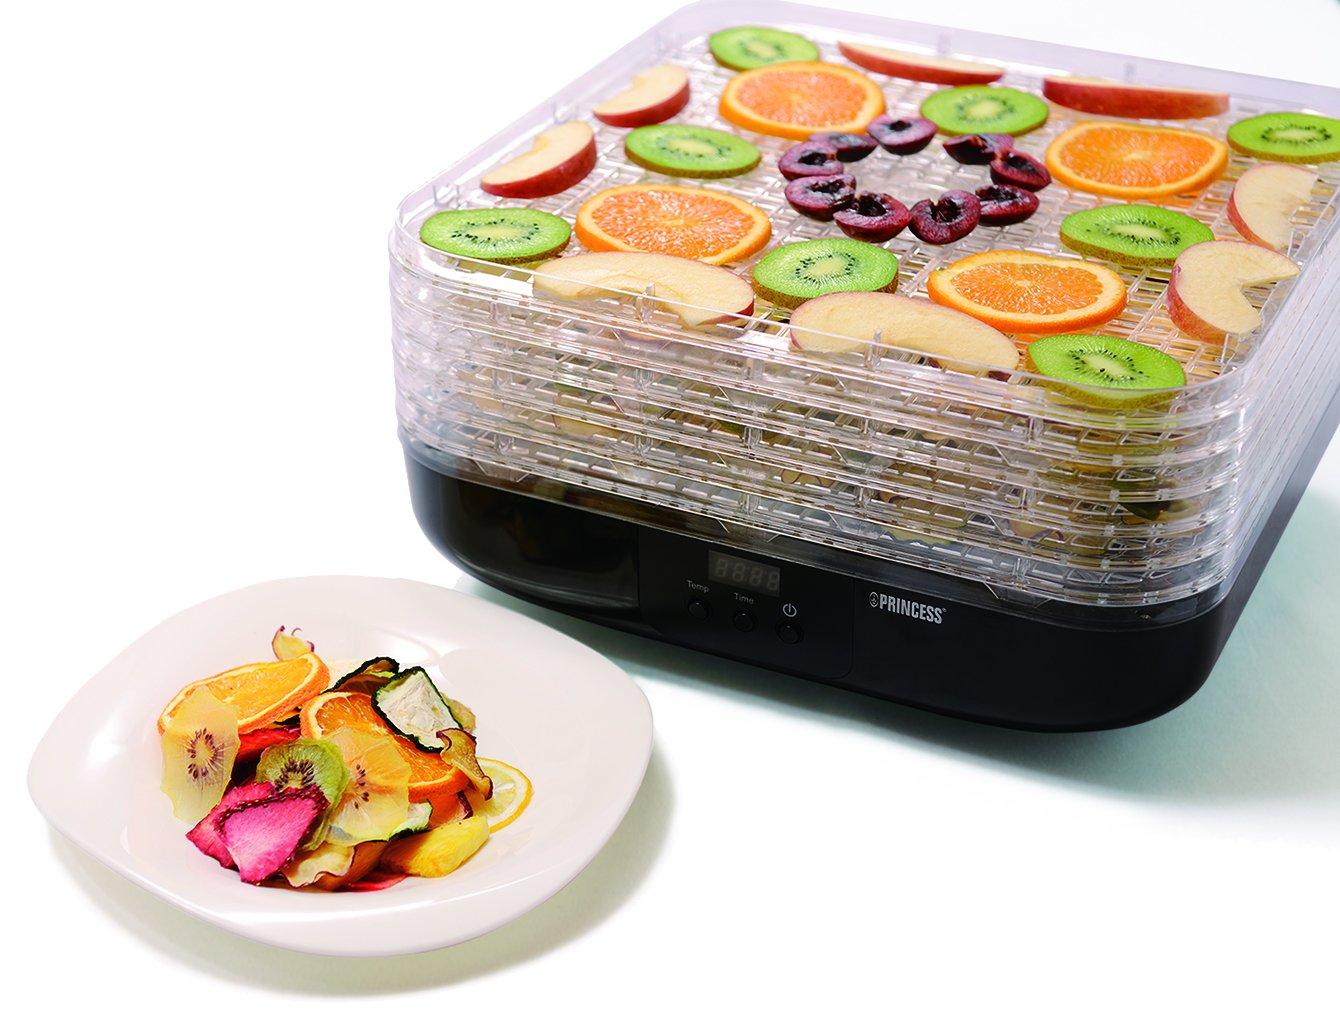 [プリンセス]PRINCESS【Food Dryer】 フードドライヤー デジタル タイマー/温度調節機能/レシピ 付き/ドライフードメーカー